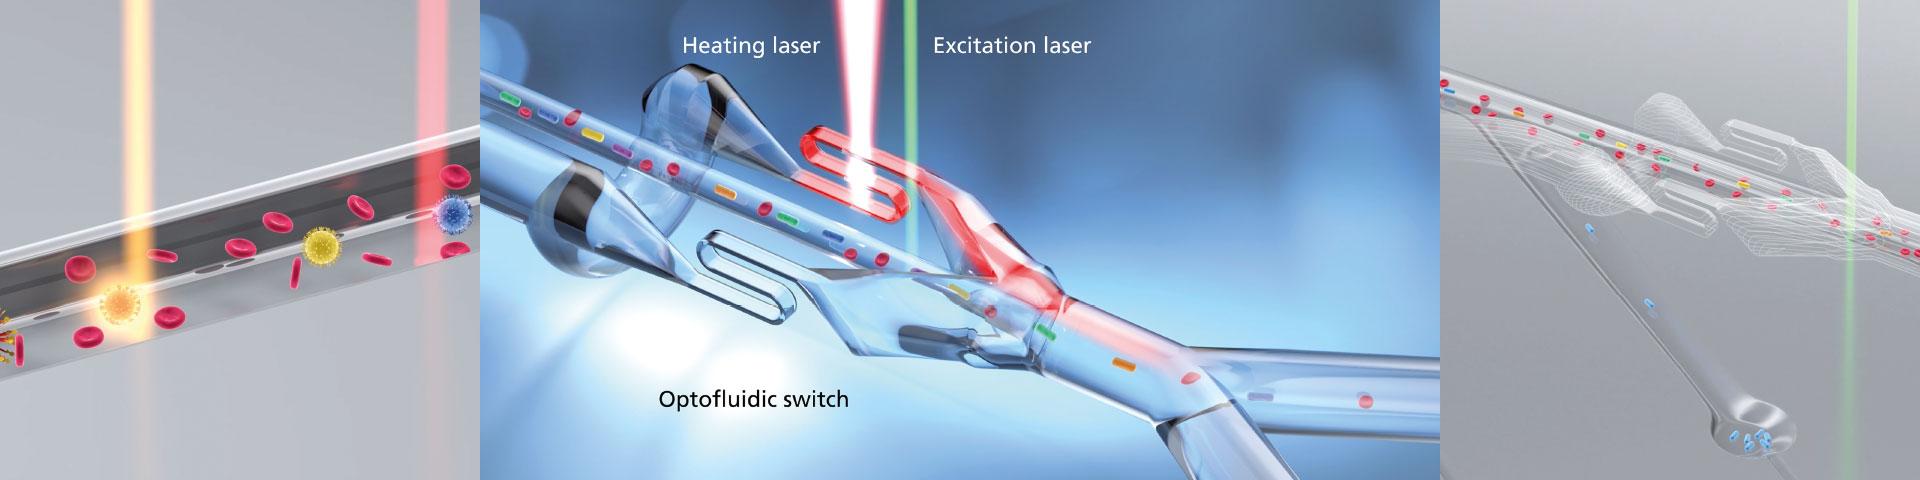 Projekte: Film AnaLighter - medizinisch-technisch komplizierten Vorgang filmisch verständlich aufbereiten